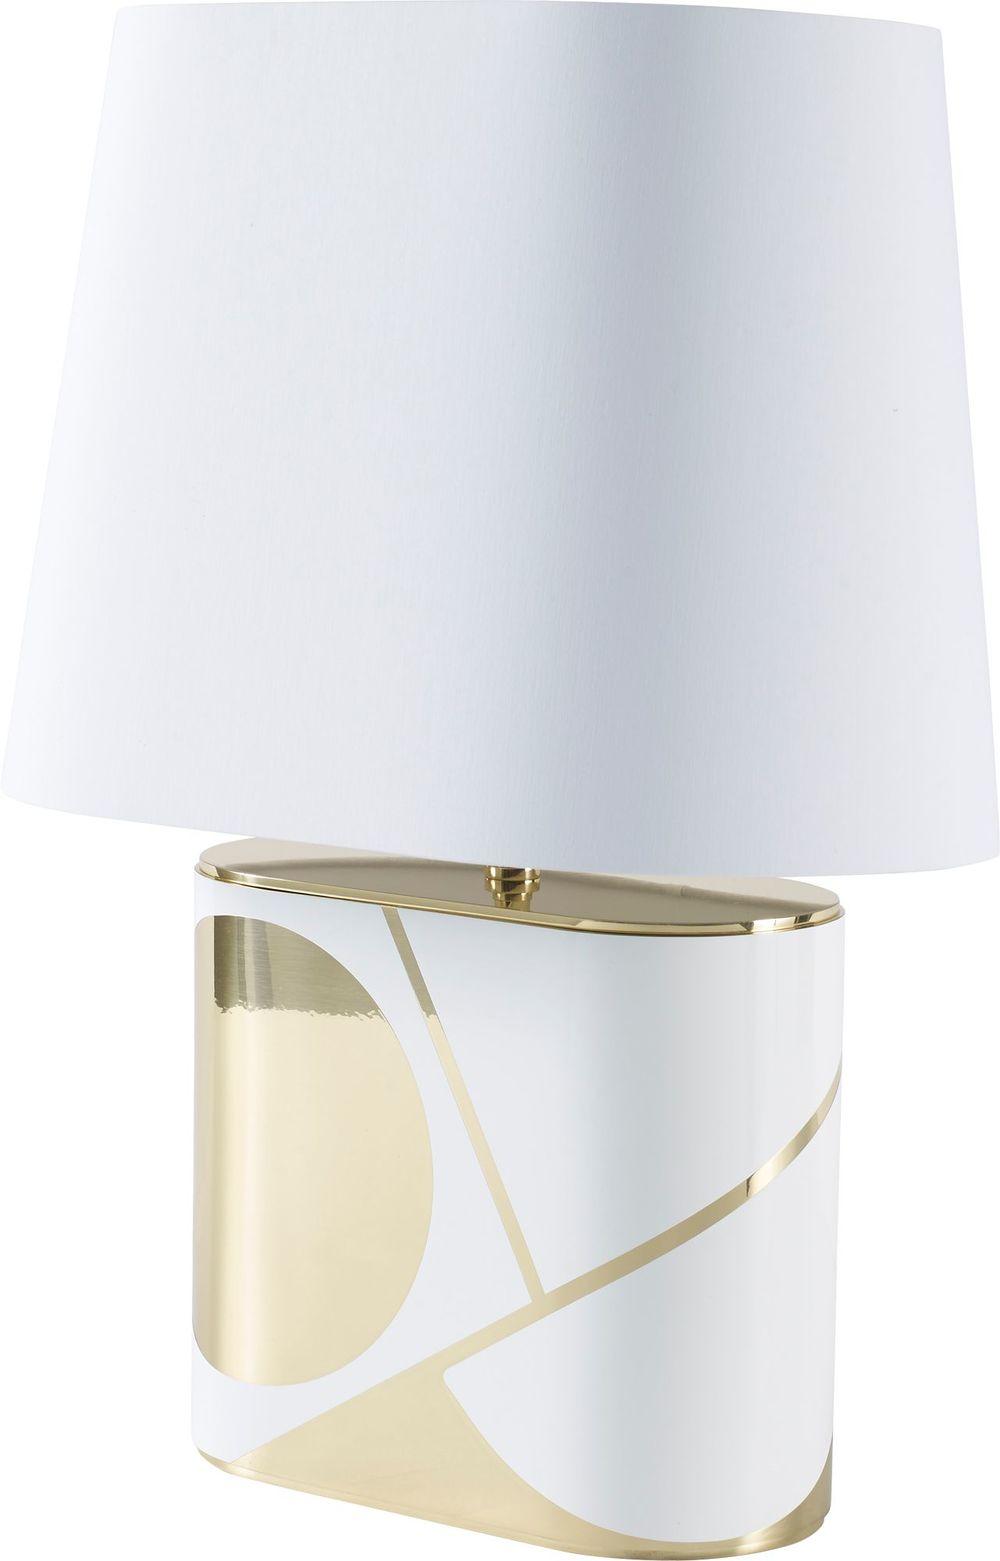 Baker Furniture - Taller Oval Table Lamp